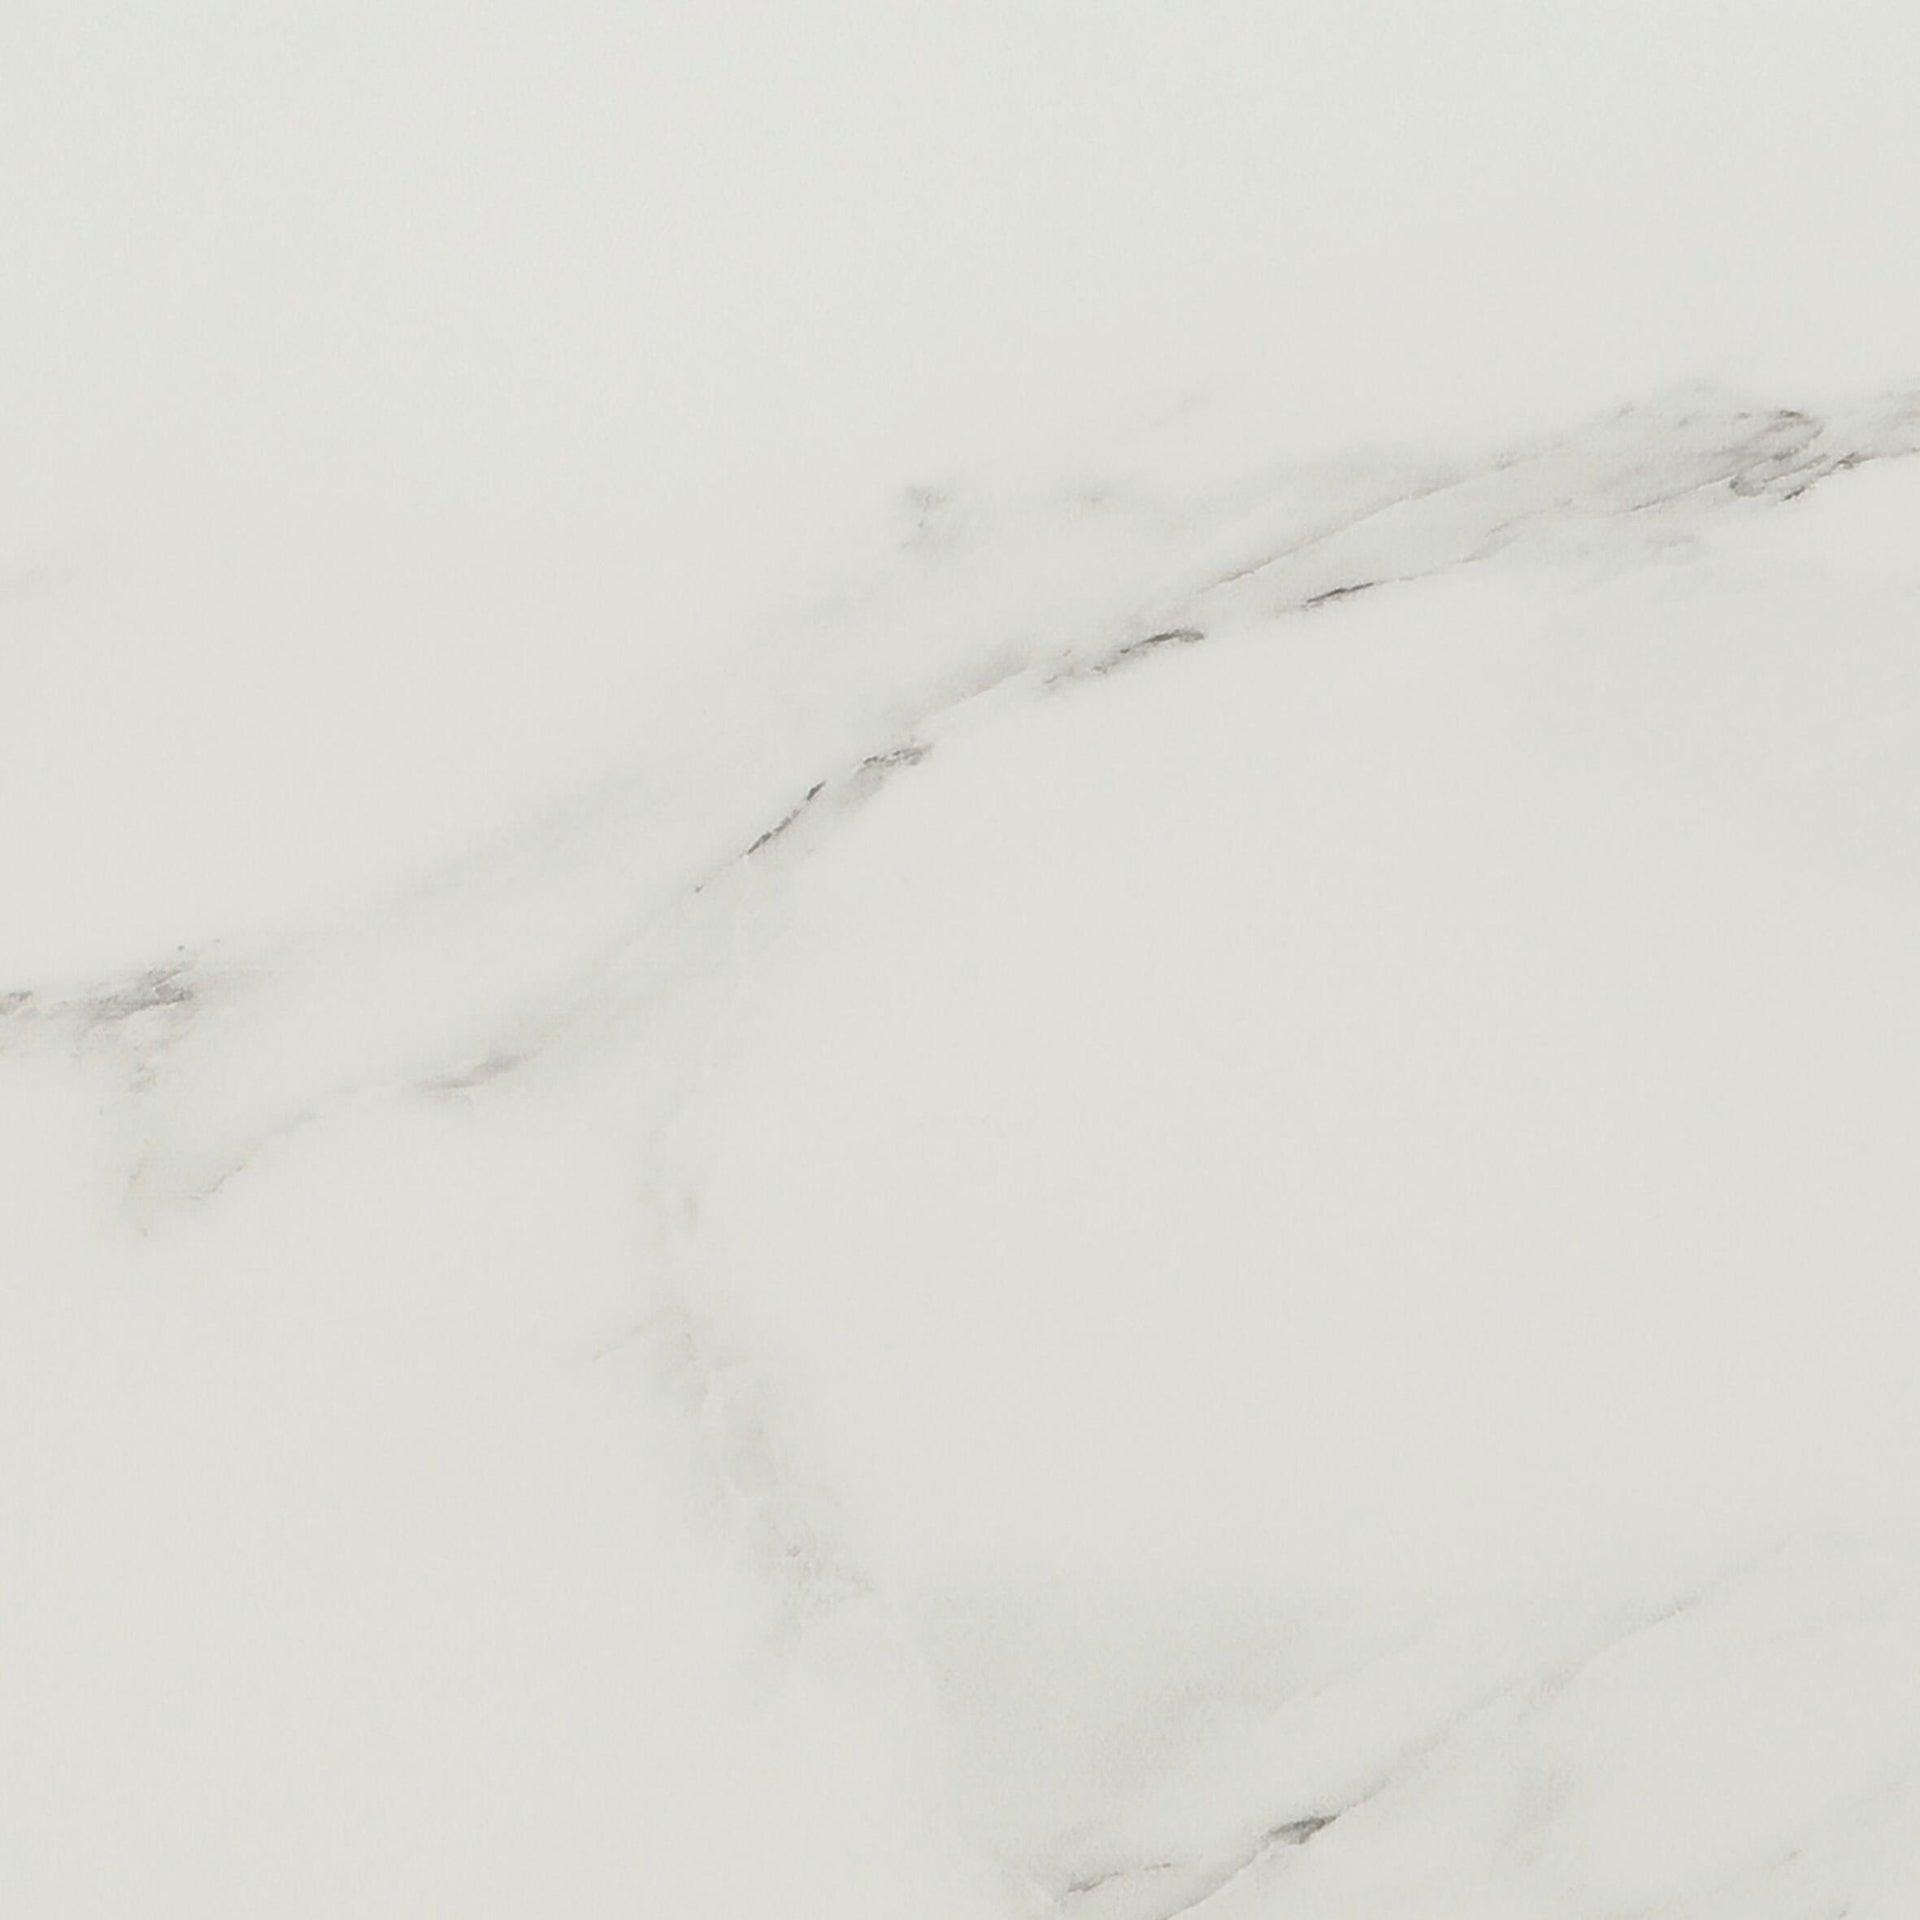 Piastrella Venezia Calacatta 45 x 45 cm sp. 8.5 mm PEI 2/5 multicolore - 2